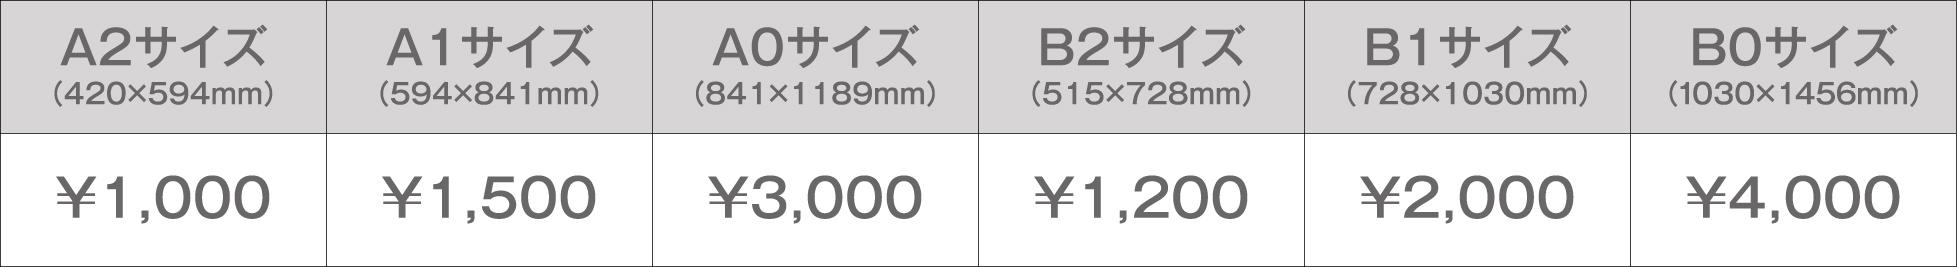 koutaku_price